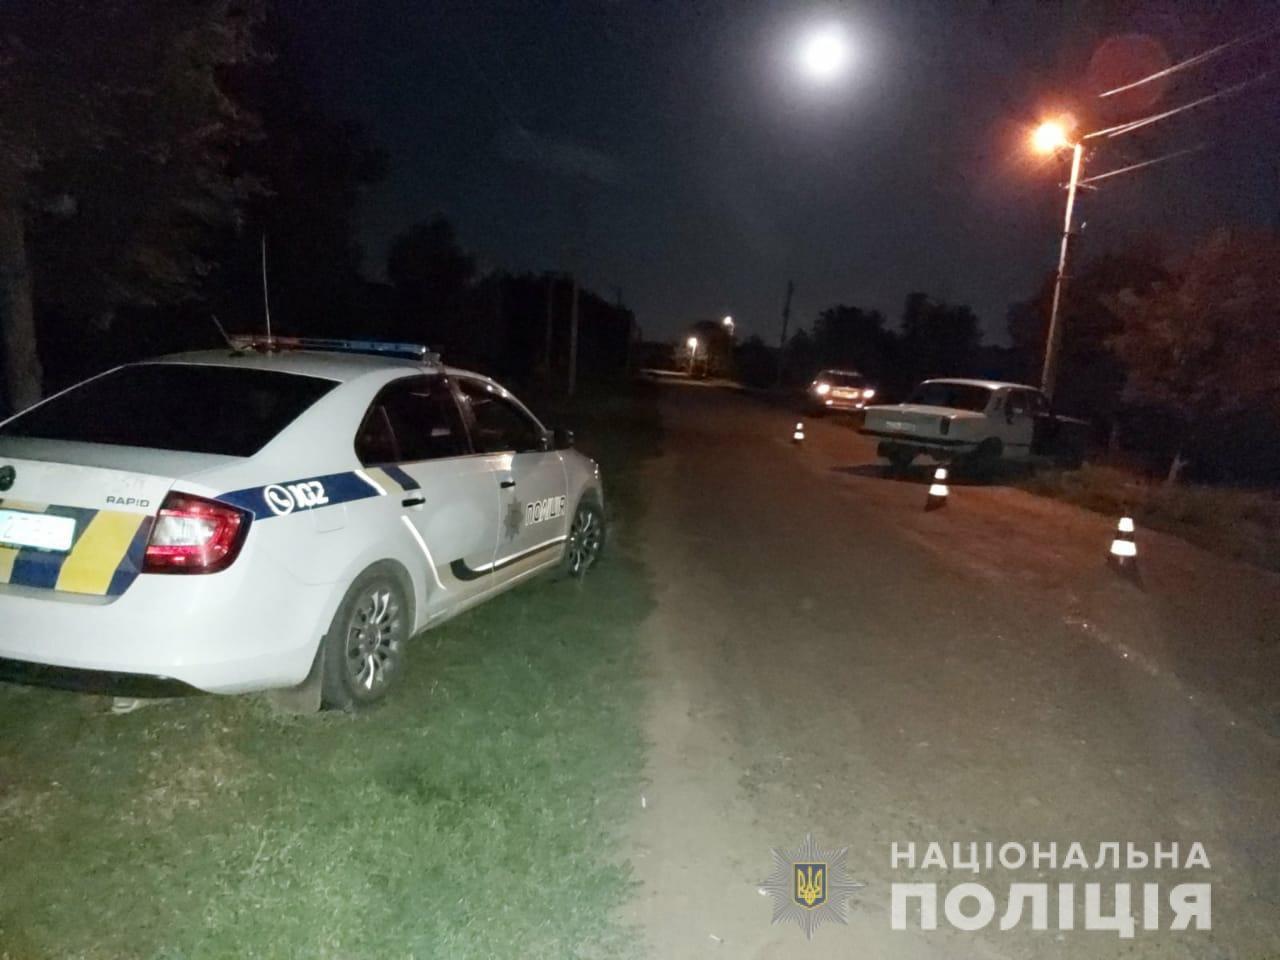 Мужчина травмировал полицейского. Новости Днепра